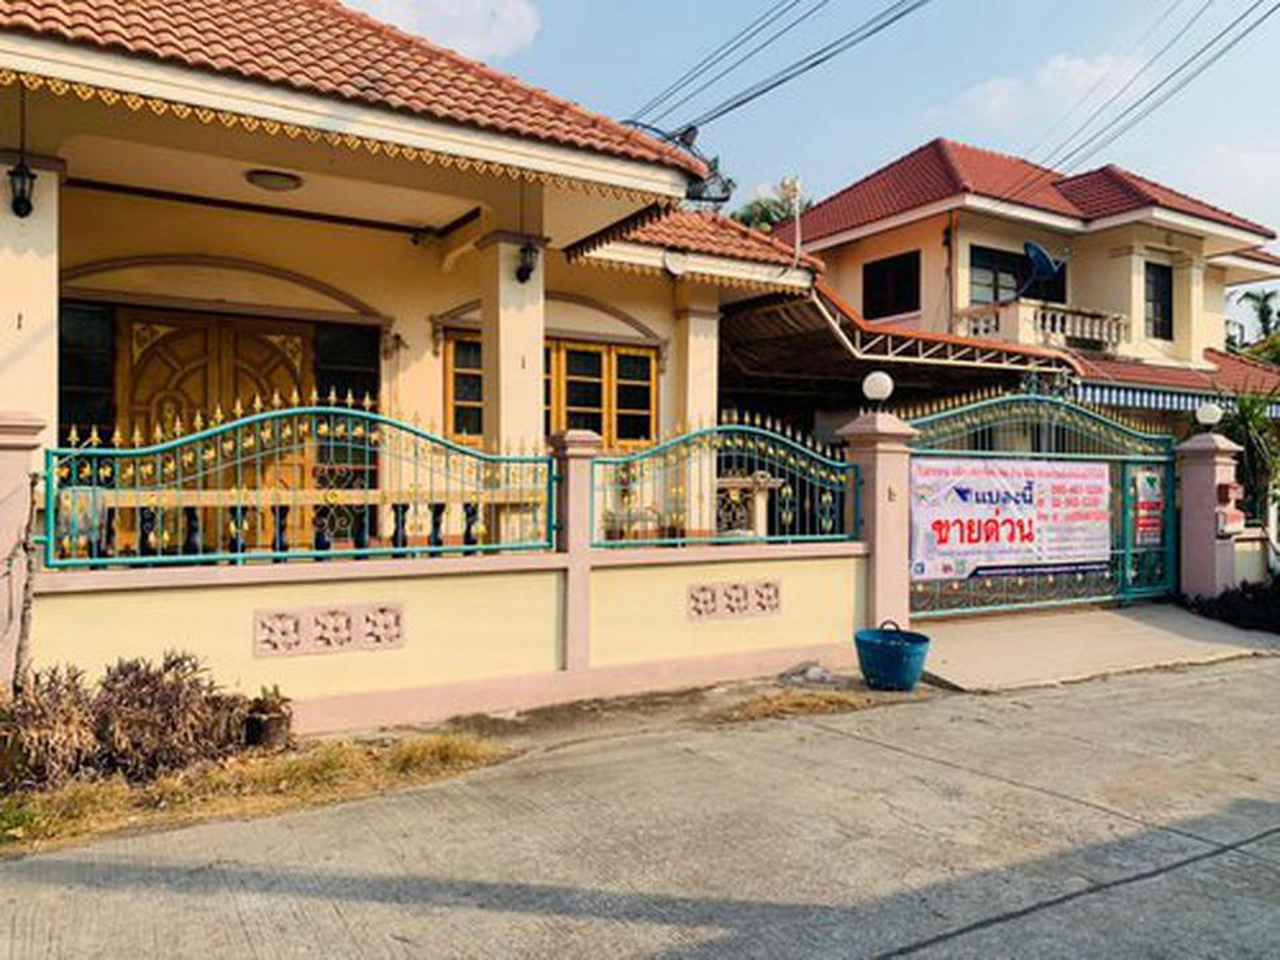 ขายบ้านเดี่ยวชั้นเดียว หมู่บ้านยุคลธร ขนาด 67.1 ตรว หมู่บ้านยุคลธร อ.พระพุทธบาท จ.สระบุรี    รูปที่ 6